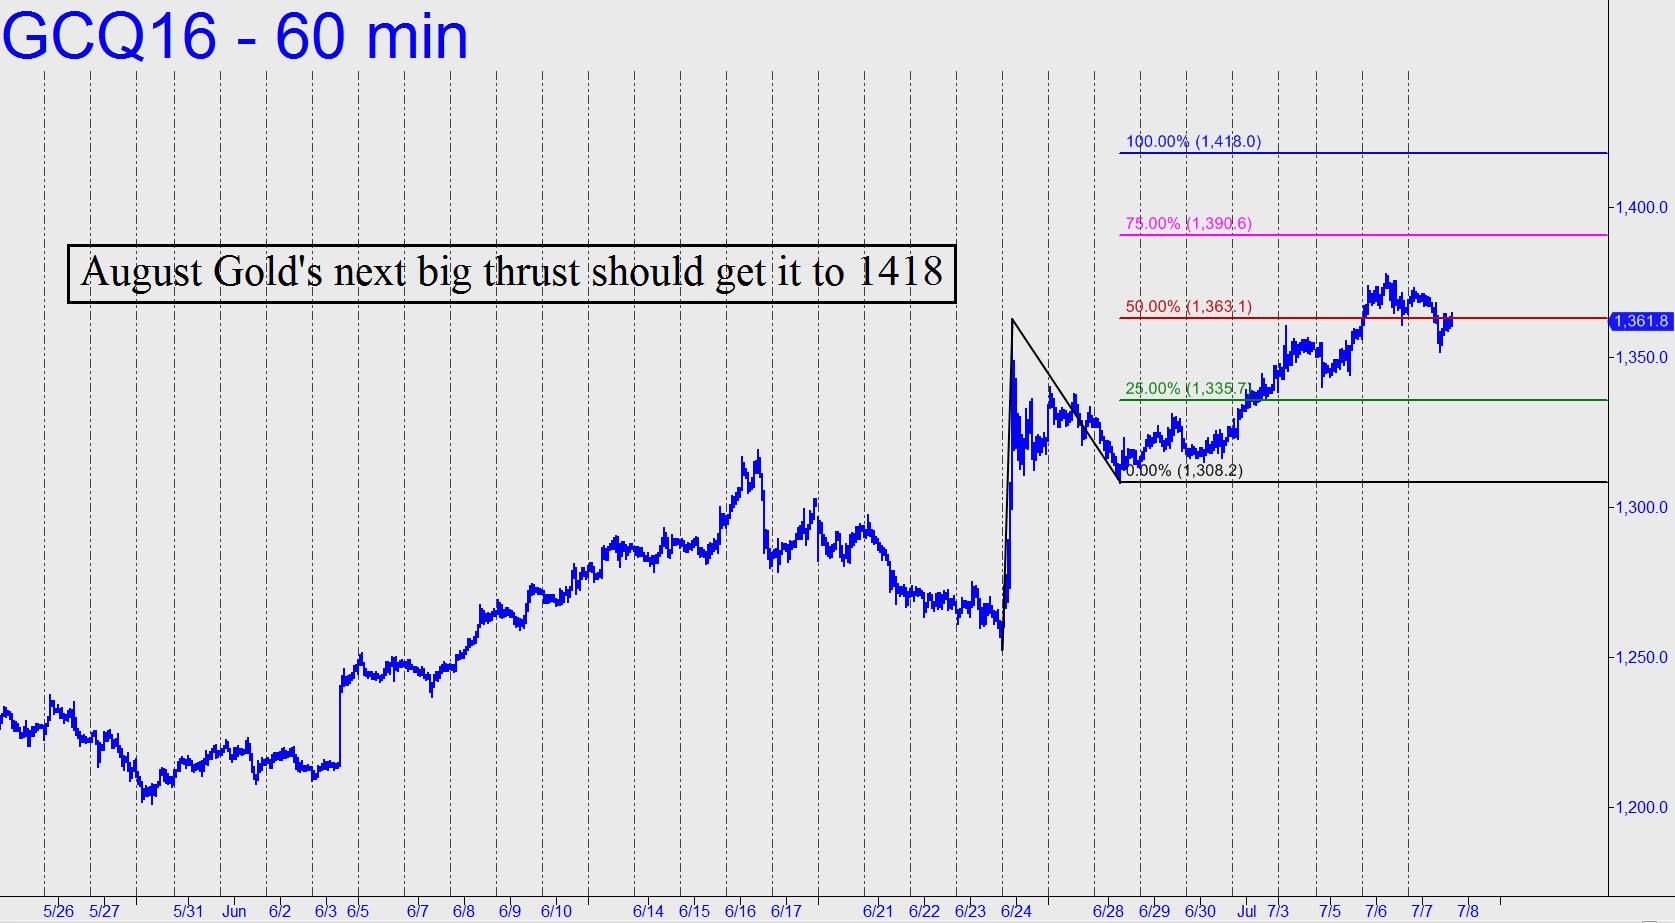 prix de l'or, de l'argent et des minières / suivi 2015 et ultérieurement - Page 6 Golds-next-big-thrust